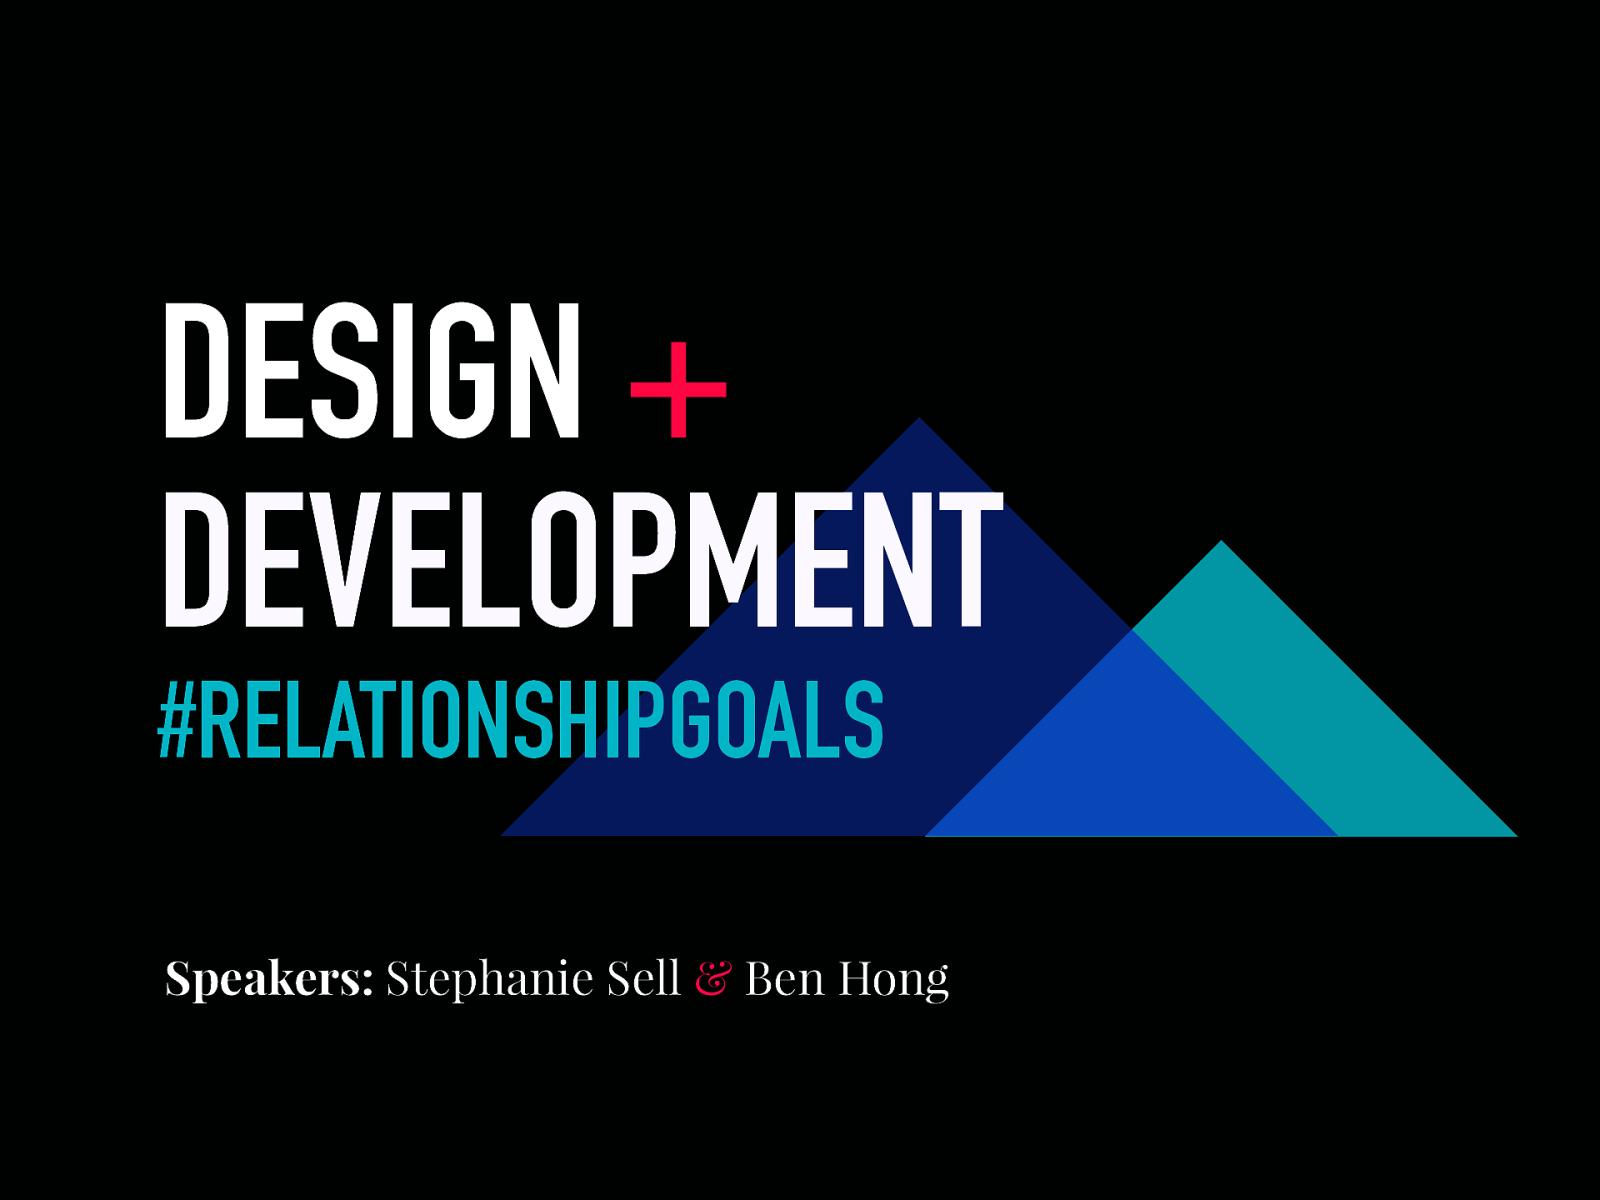 Designers + Developers: #RelationshipGoals